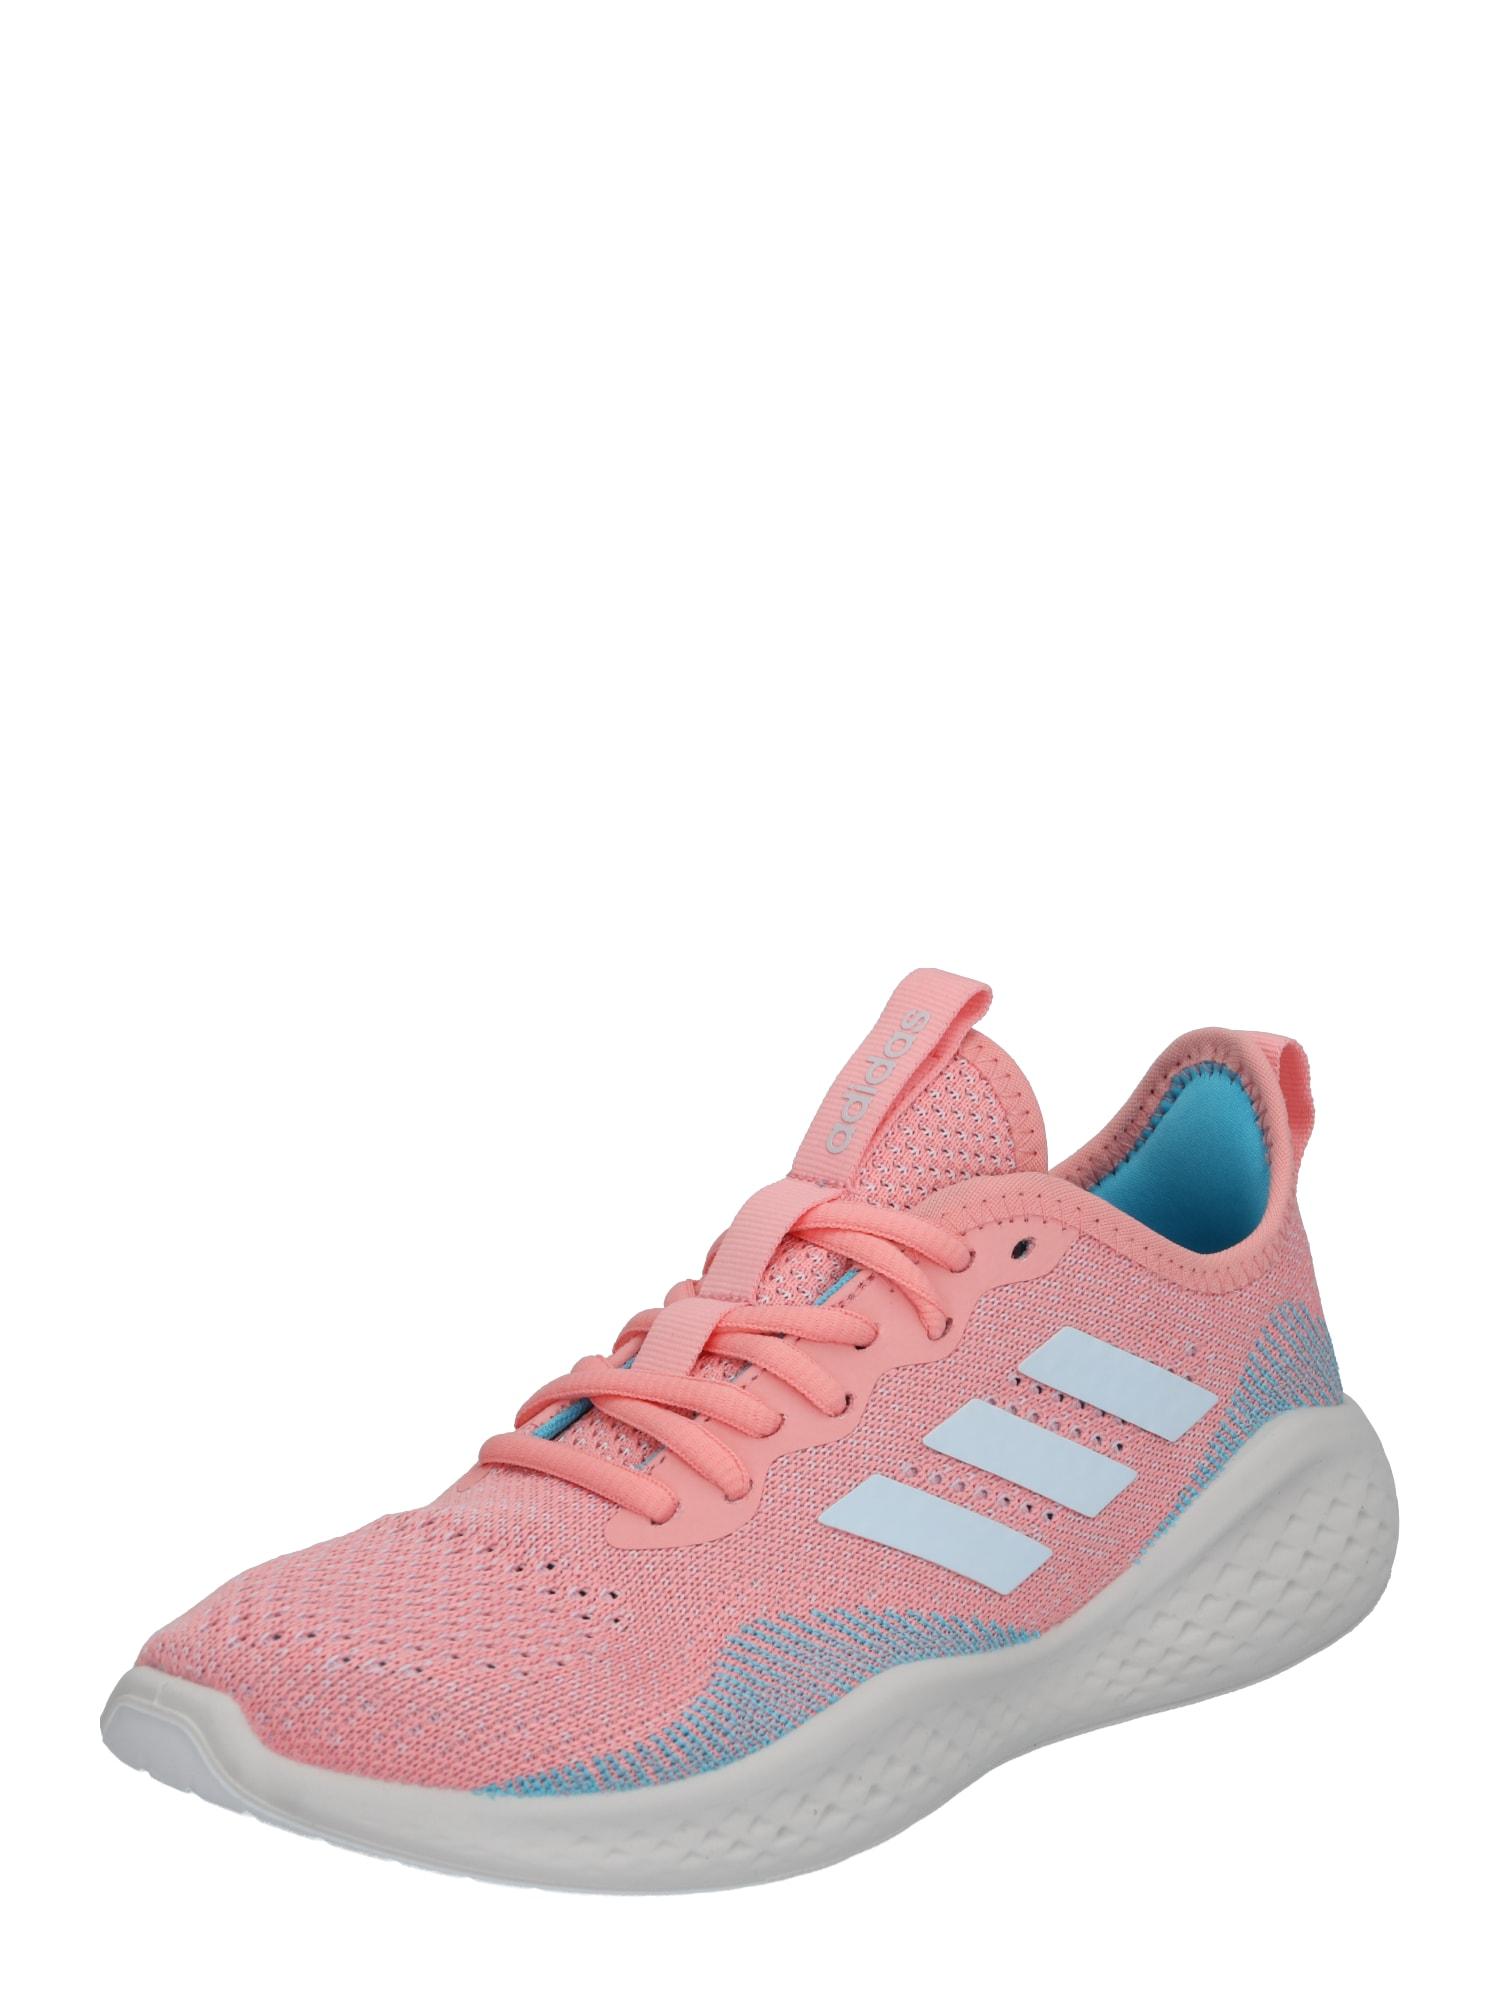 ADIDAS PERFORMANCE Sportiniai batai 'FLUIDFLOW' balta / rožių spalva